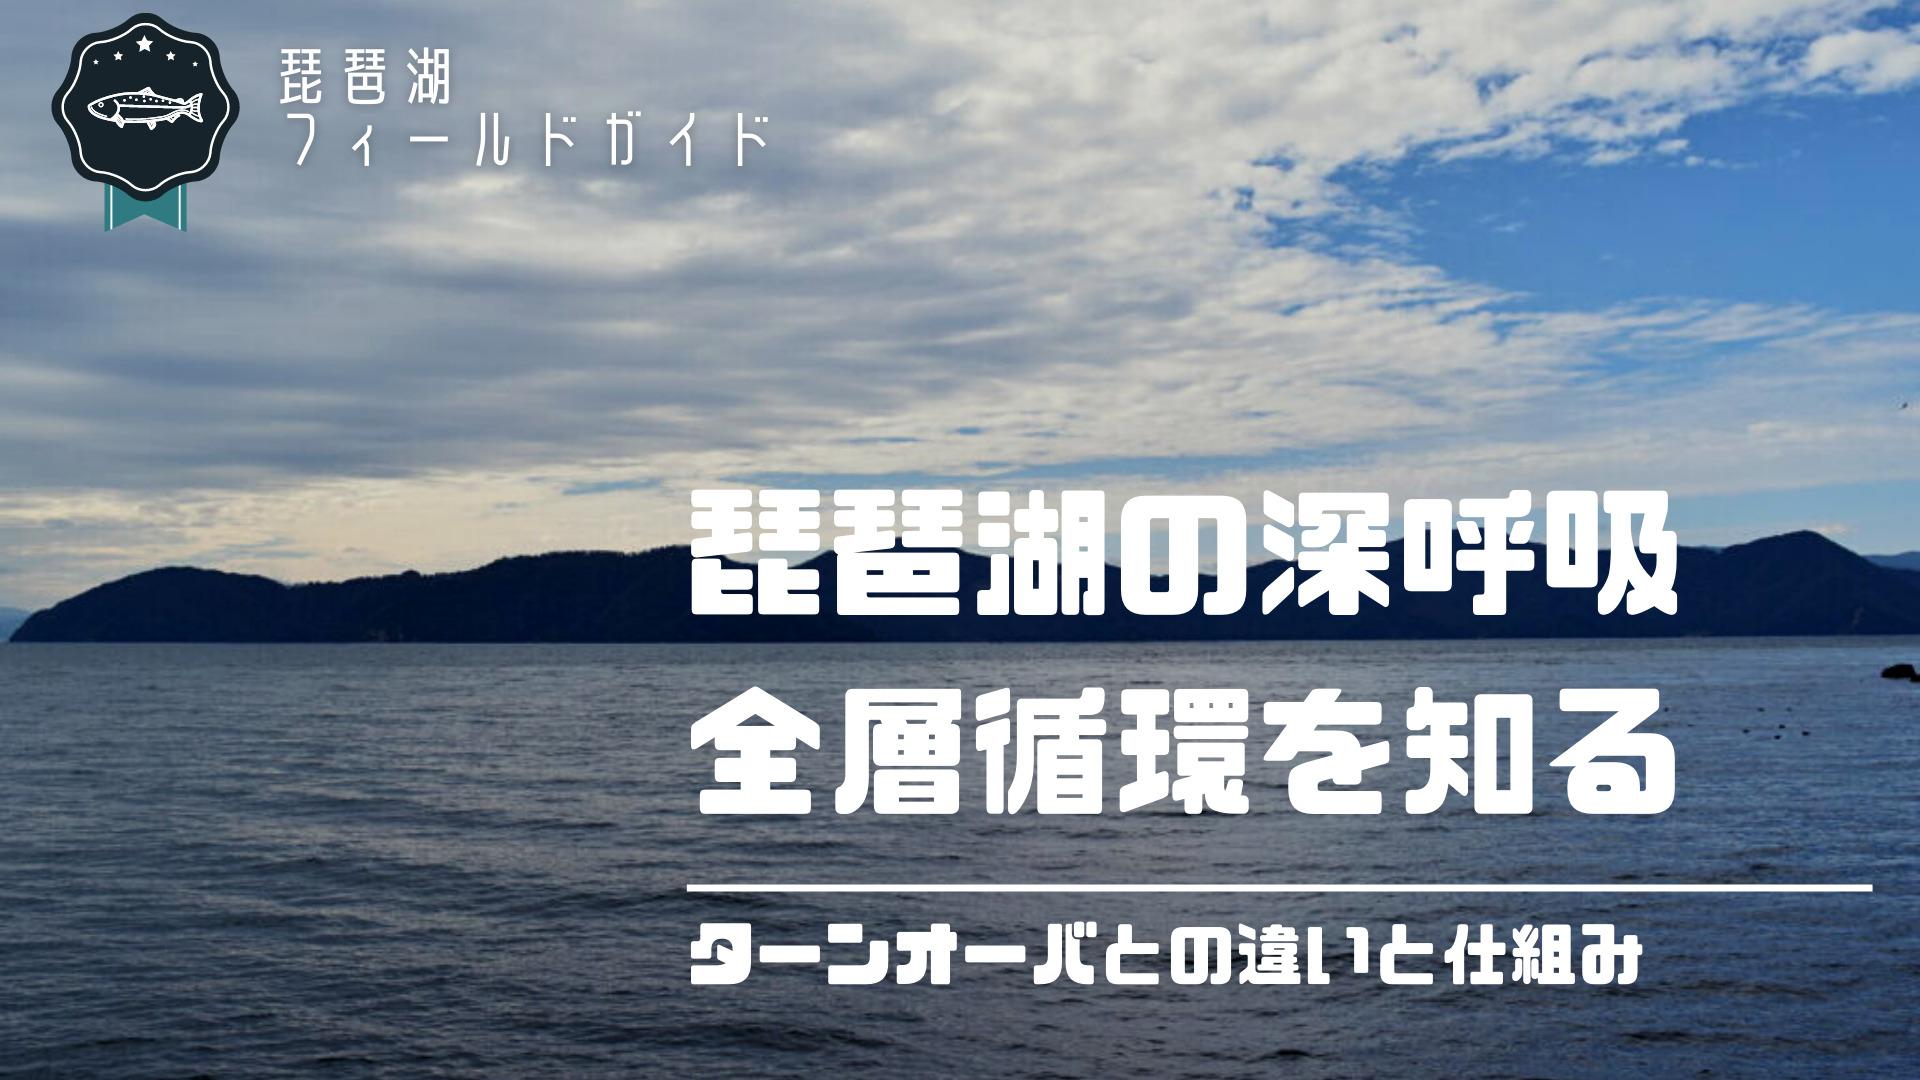 琵琶湖全層循環の解説記事_サムネ